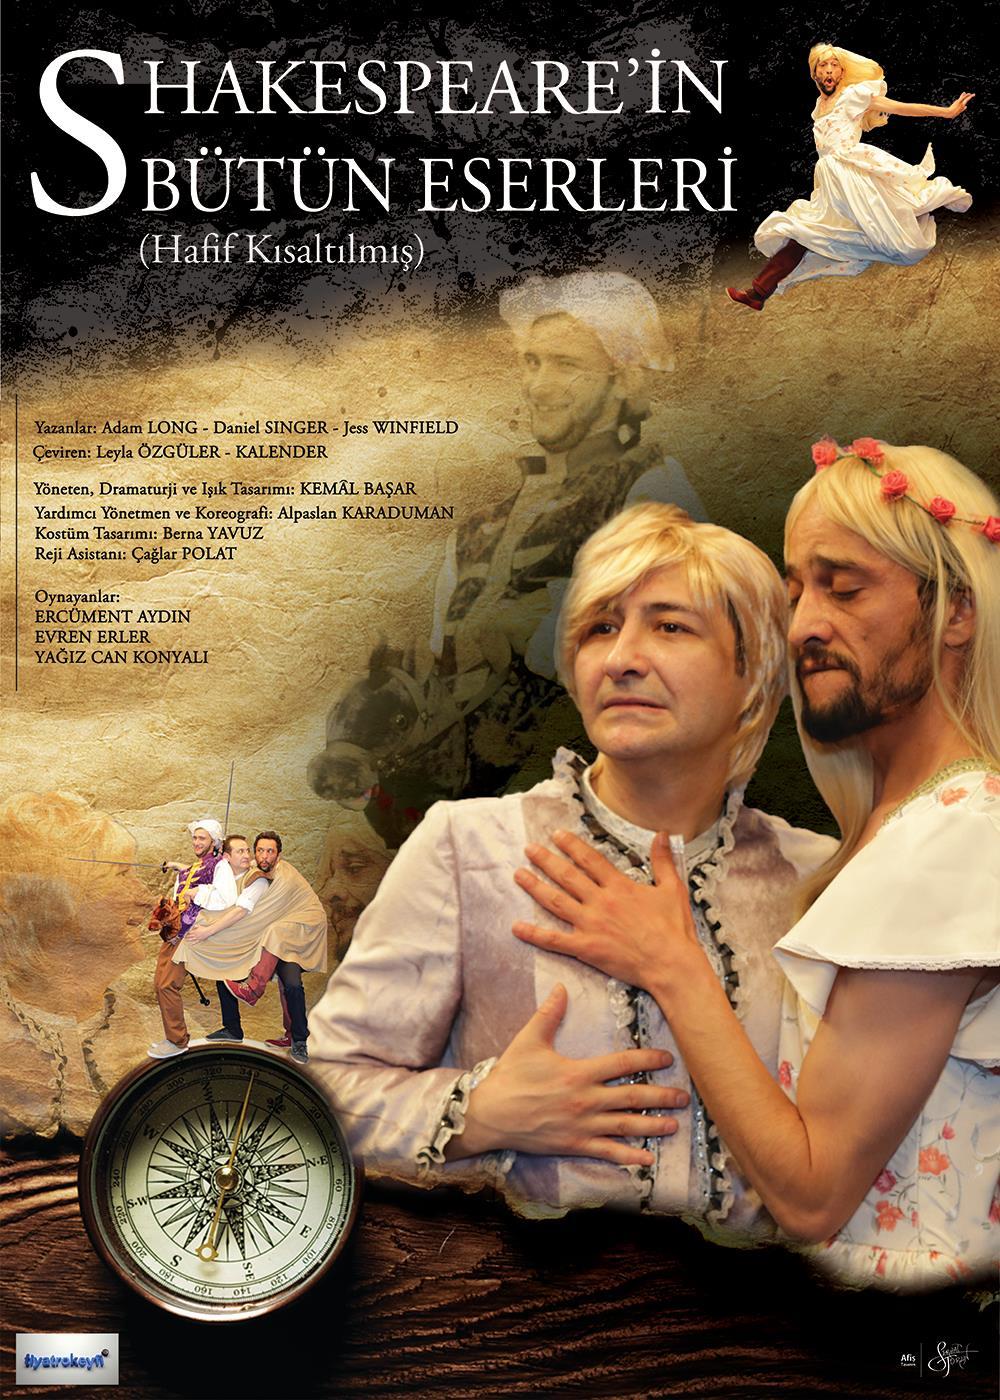 Alternatif Tiyatro, Tiyatro mu? - Martı Dergisi